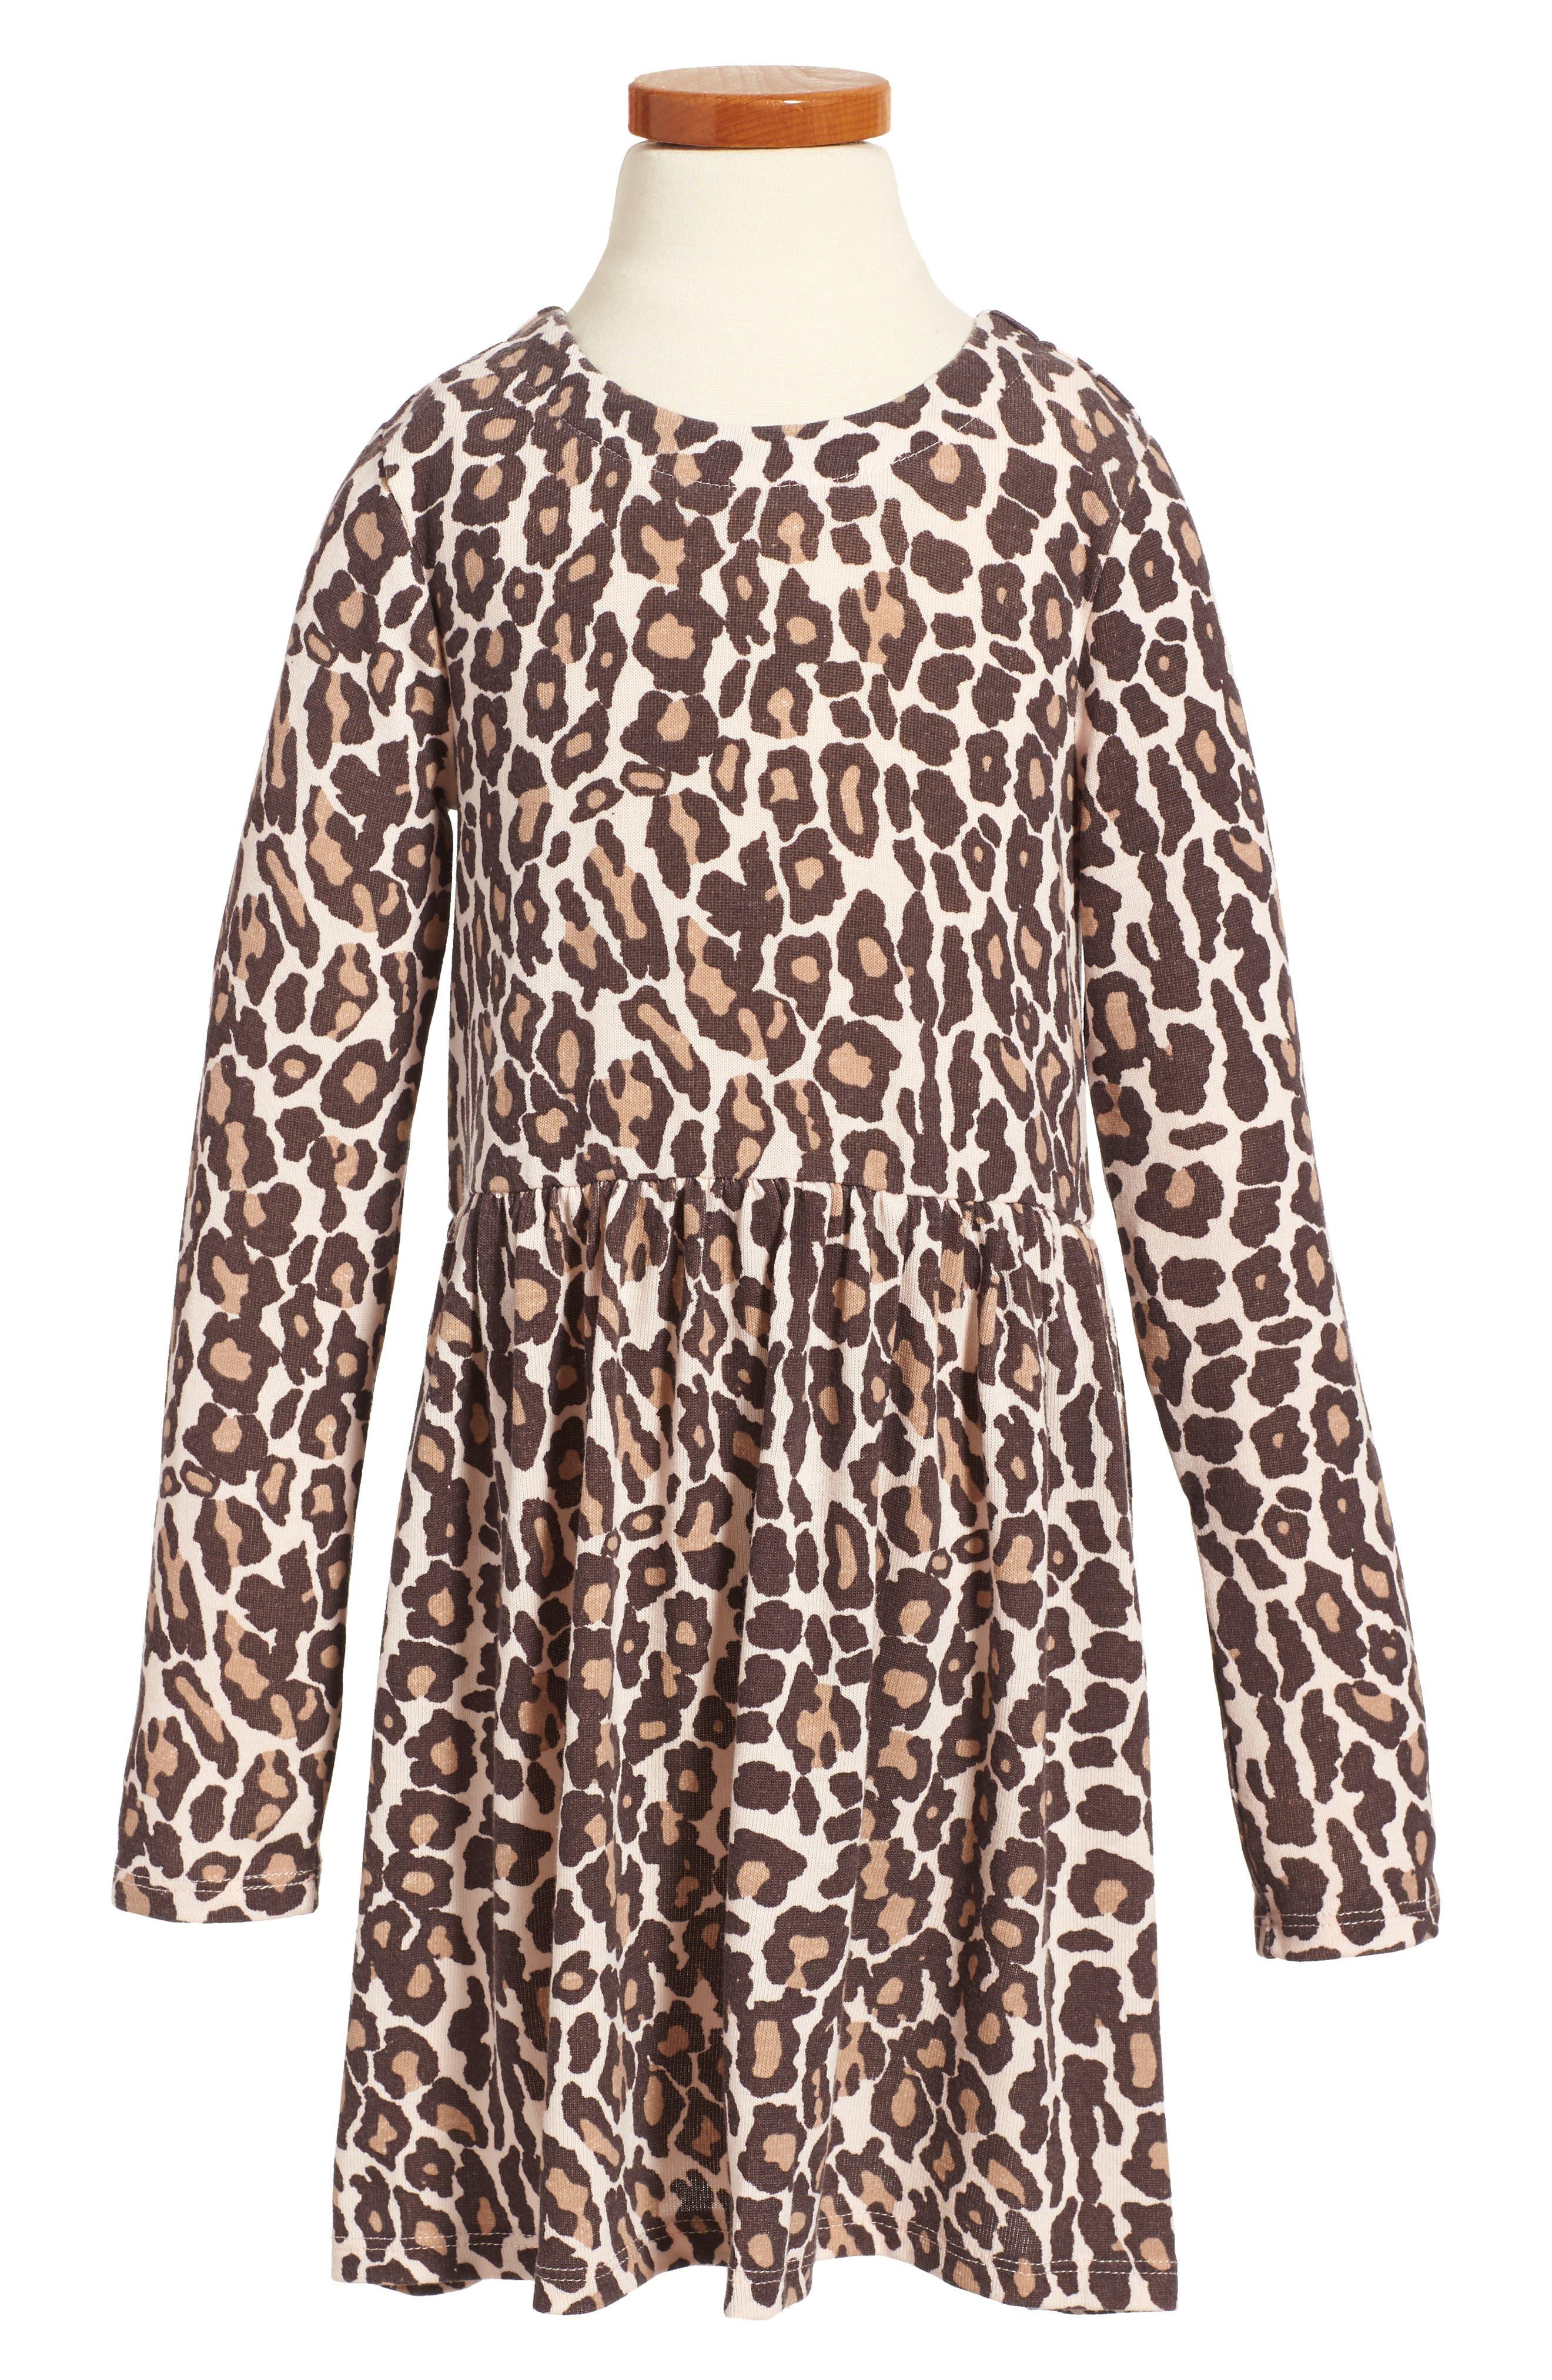 Animal Print Loose Knit Dress,                             Main thumbnail 1, color,                             255